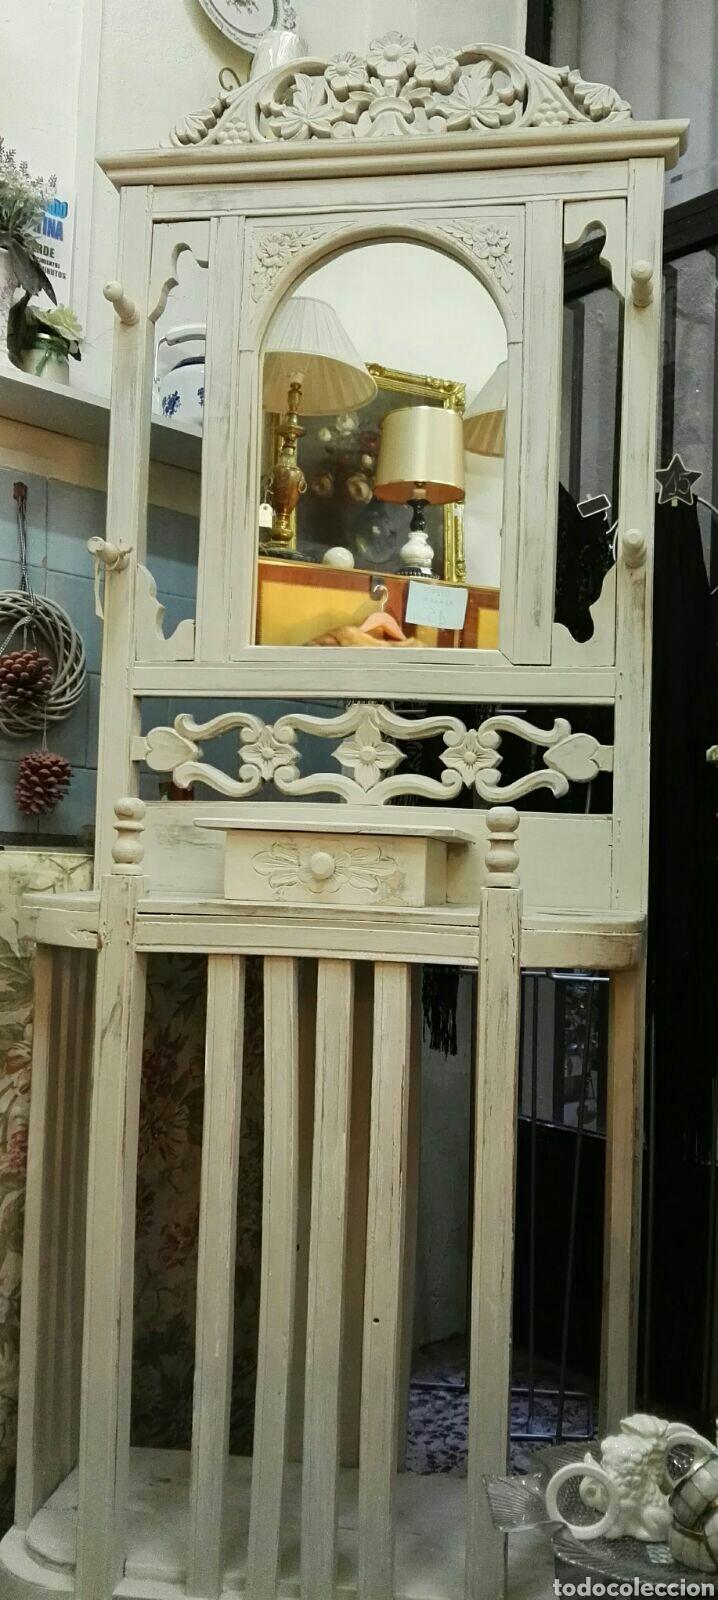 Muebles de recibidor vintage fabulous free mueble vintage for Mueble recibidor vintage